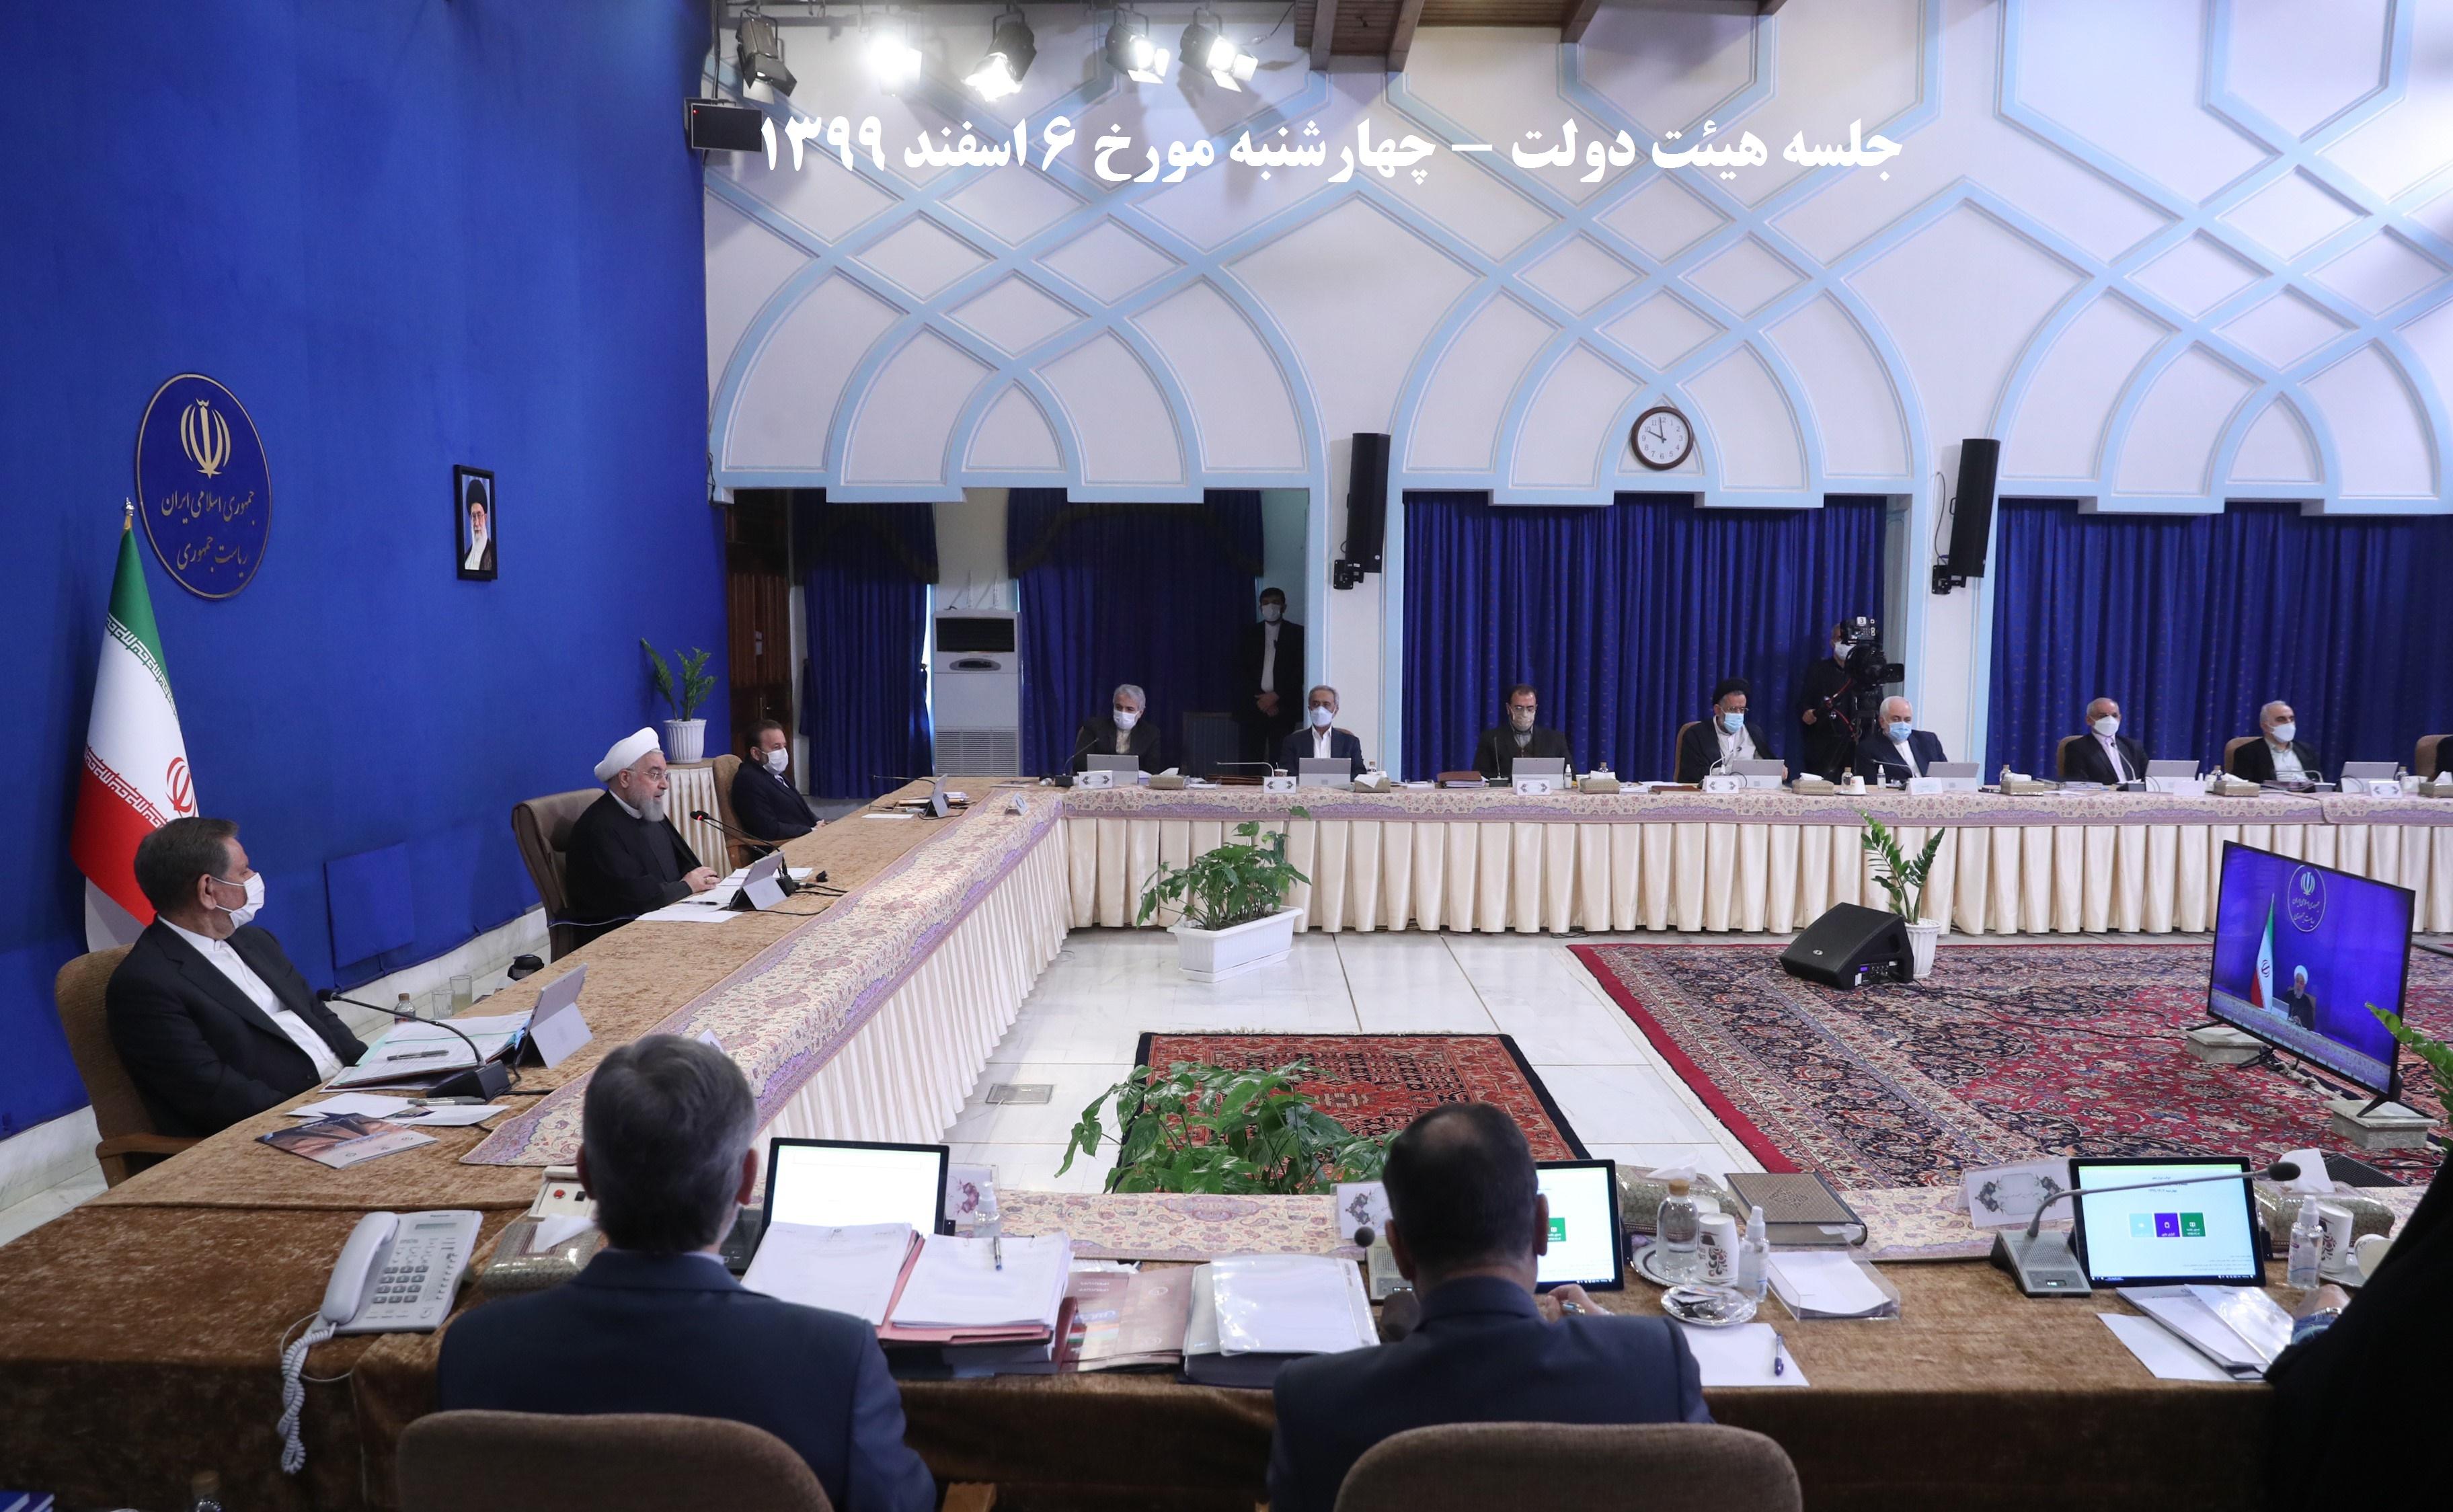 اصلاح آیین نامه اجرایی قانون اقدام راهبردی برای لغو تحریم ها و صیانت از منافع ملت ایران